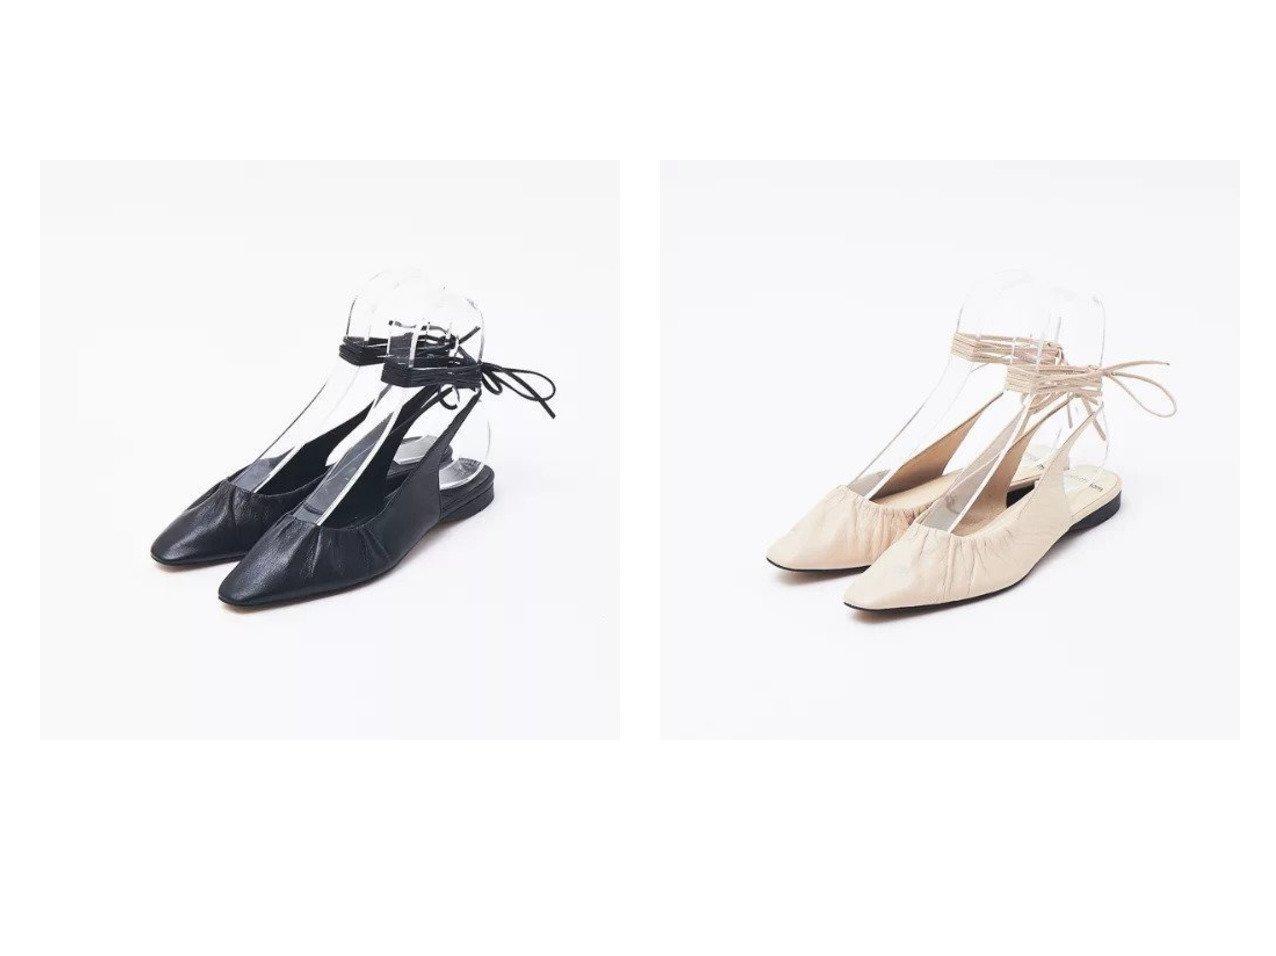 【Rouge vif/ルージュ ヴィフ】のquartierglam ギャザーレースアップシューズ 【シューズ・靴】おすすめ!人気、トレンド・レディースファッションの通販 おすすめで人気の流行・トレンド、ファッションの通販商品 メンズファッション・キッズファッション・インテリア・家具・レディースファッション・服の通販 founy(ファニー) https://founy.com/ ファッション Fashion レディースファッション WOMEN おすすめ Recommend ギャザー シューズ デニム フラット ベーシック リラックス |ID:crp329100000031450